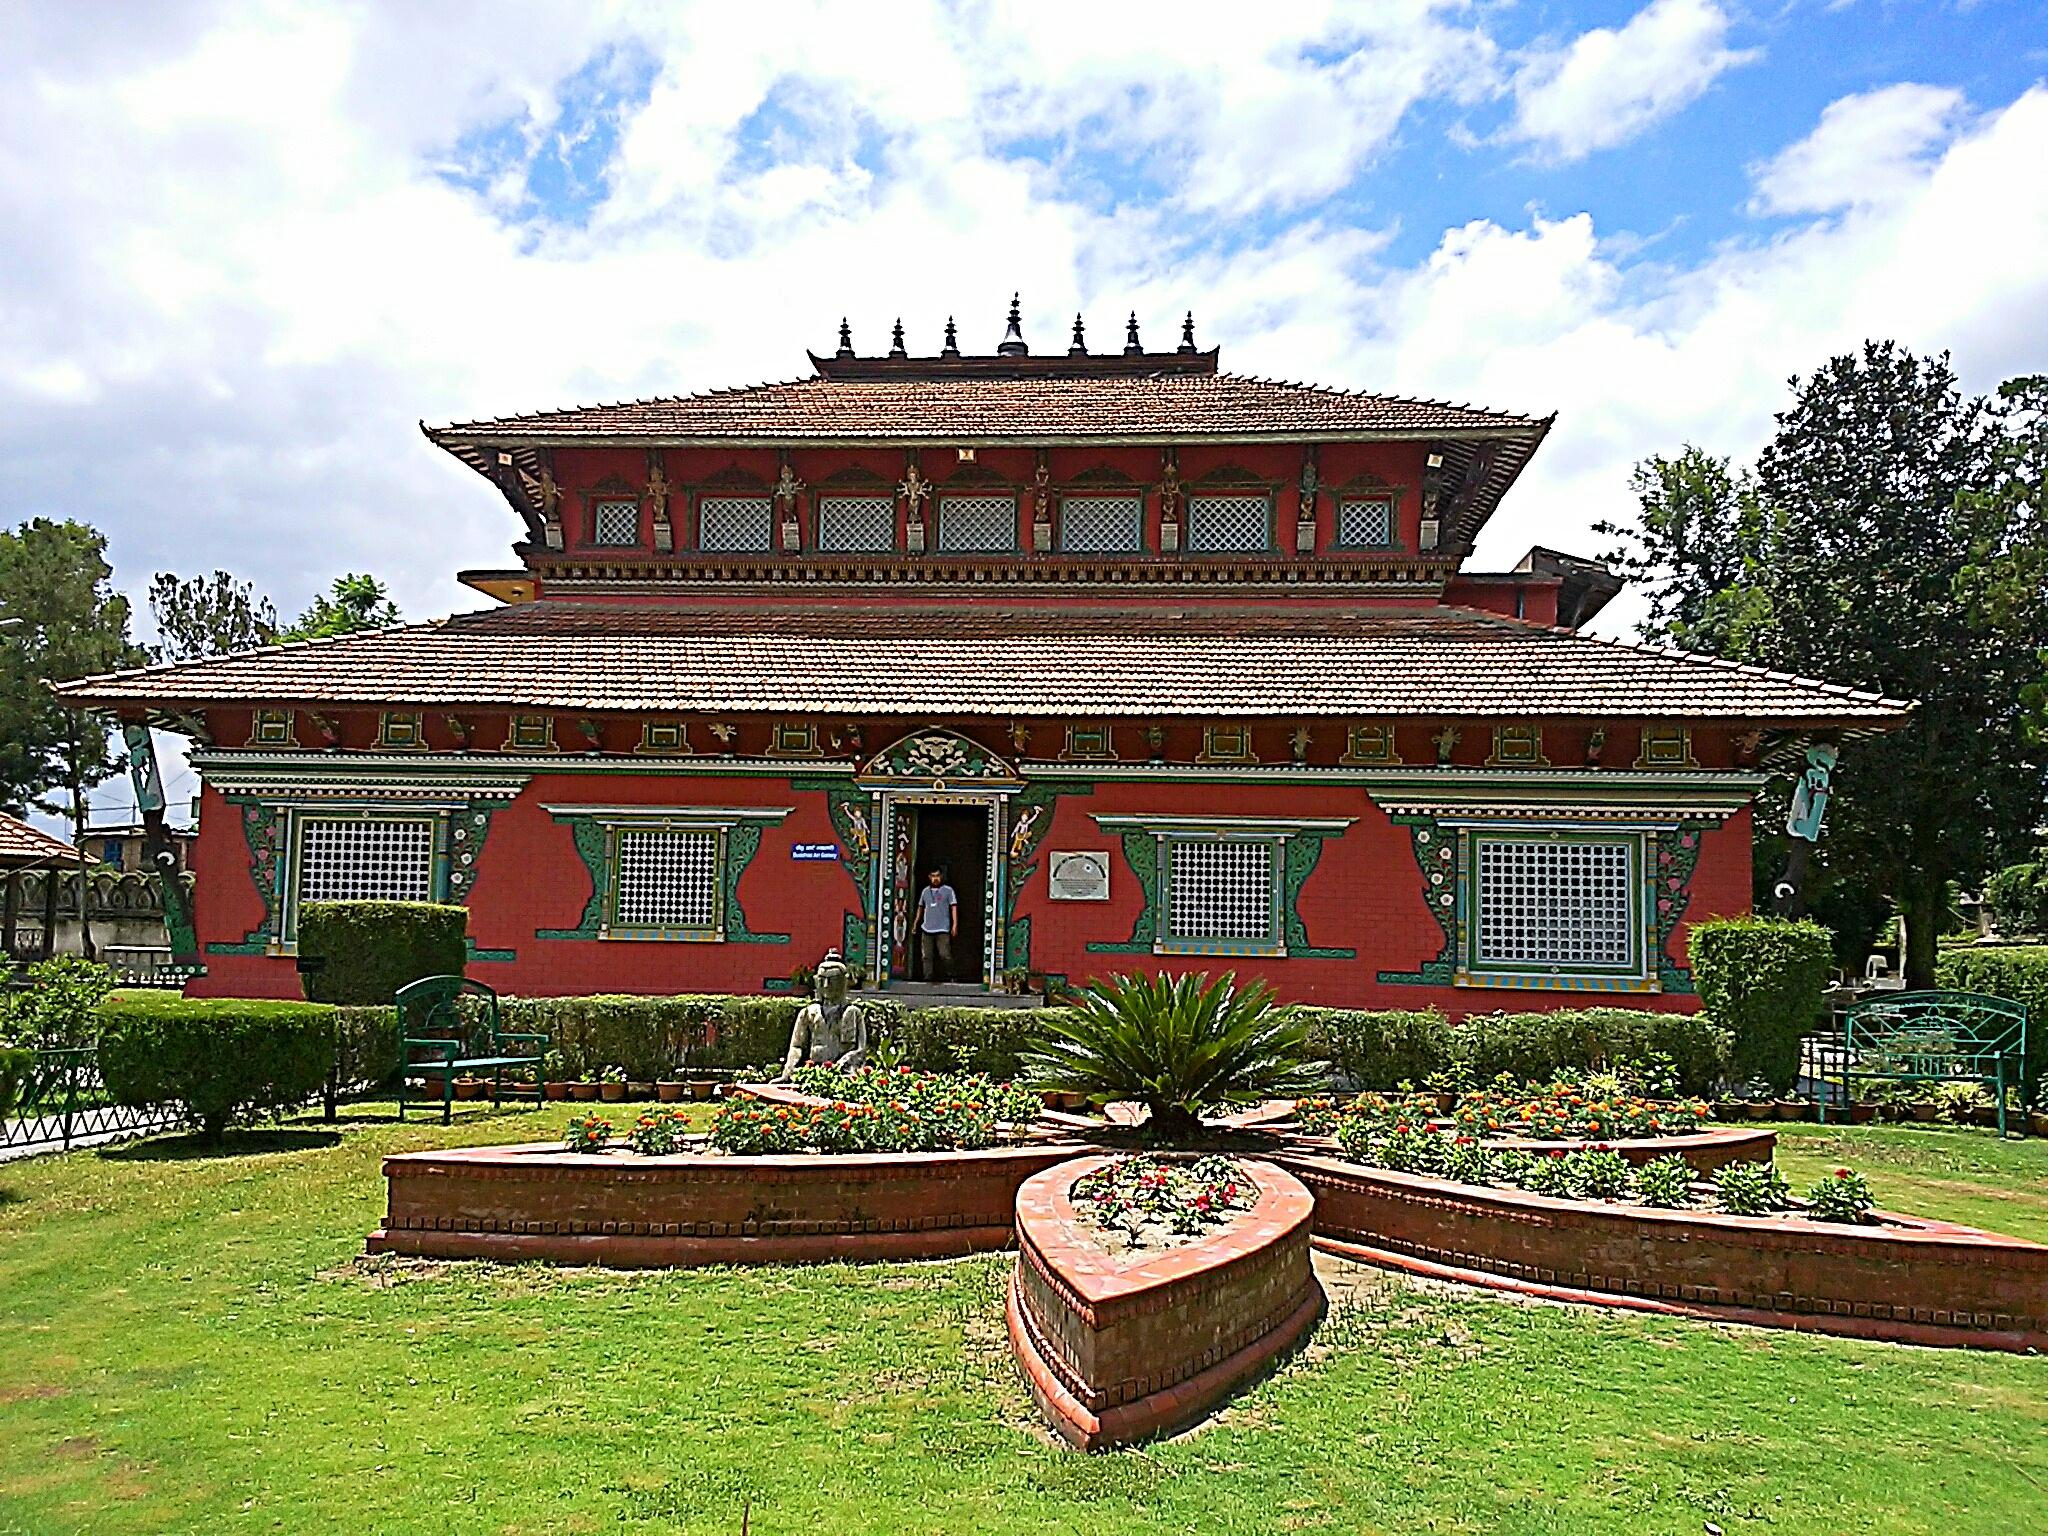 ネパールの仏教美術を間近に見れる国立博物館の行き方